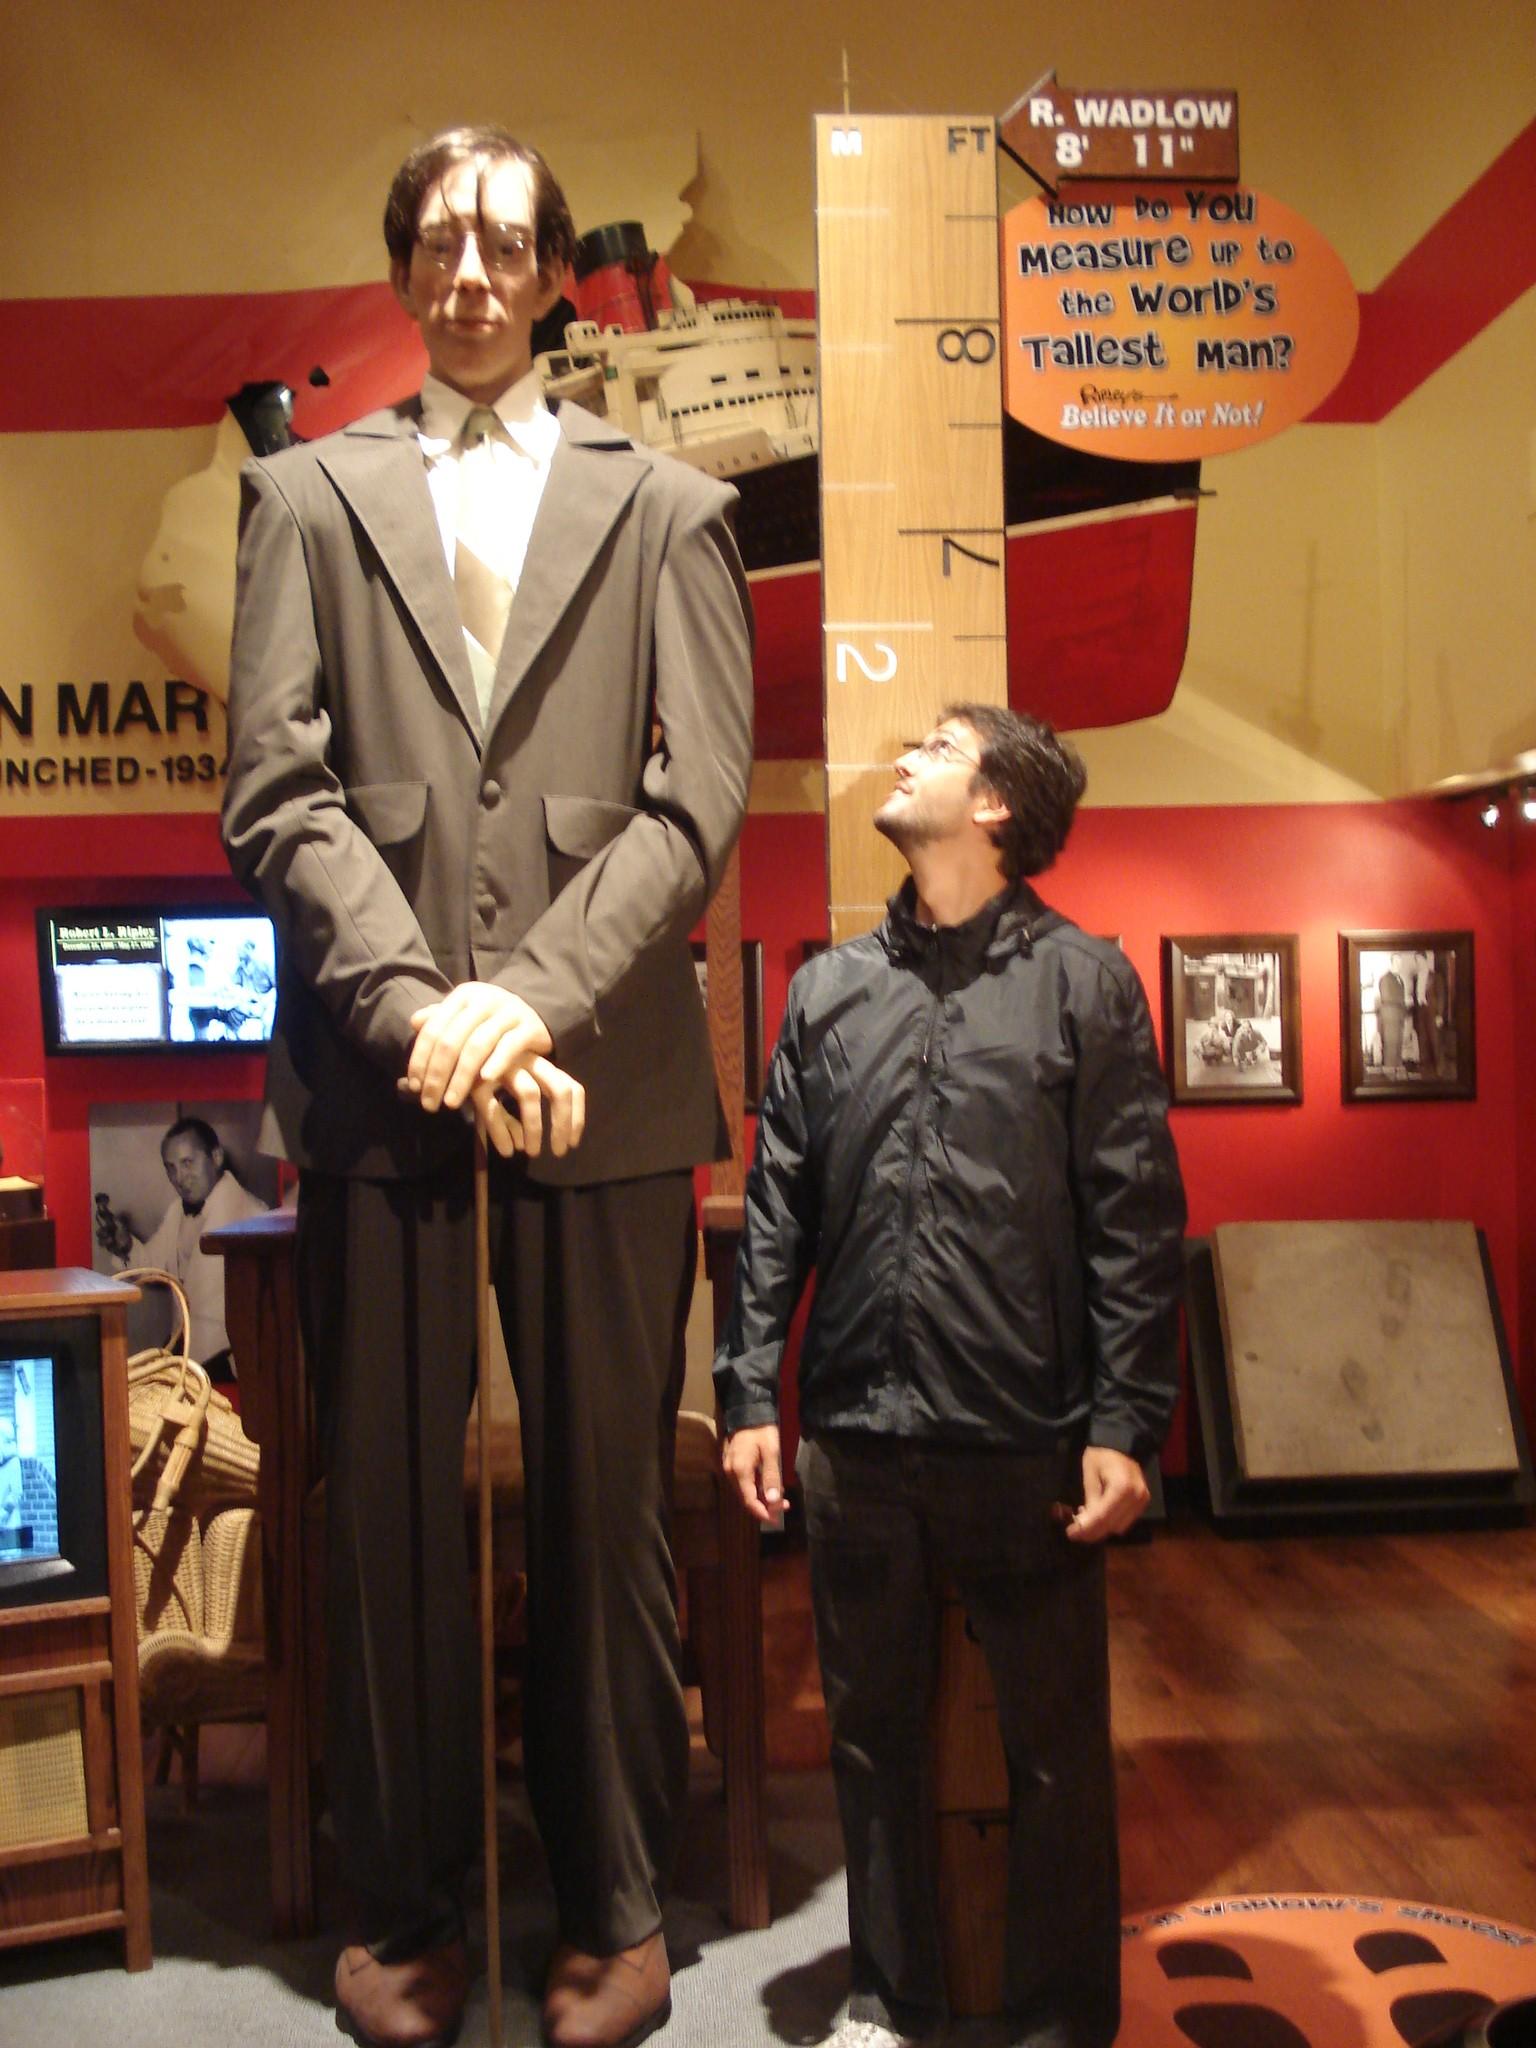 Museu do Ripley's Believe it Or Not!